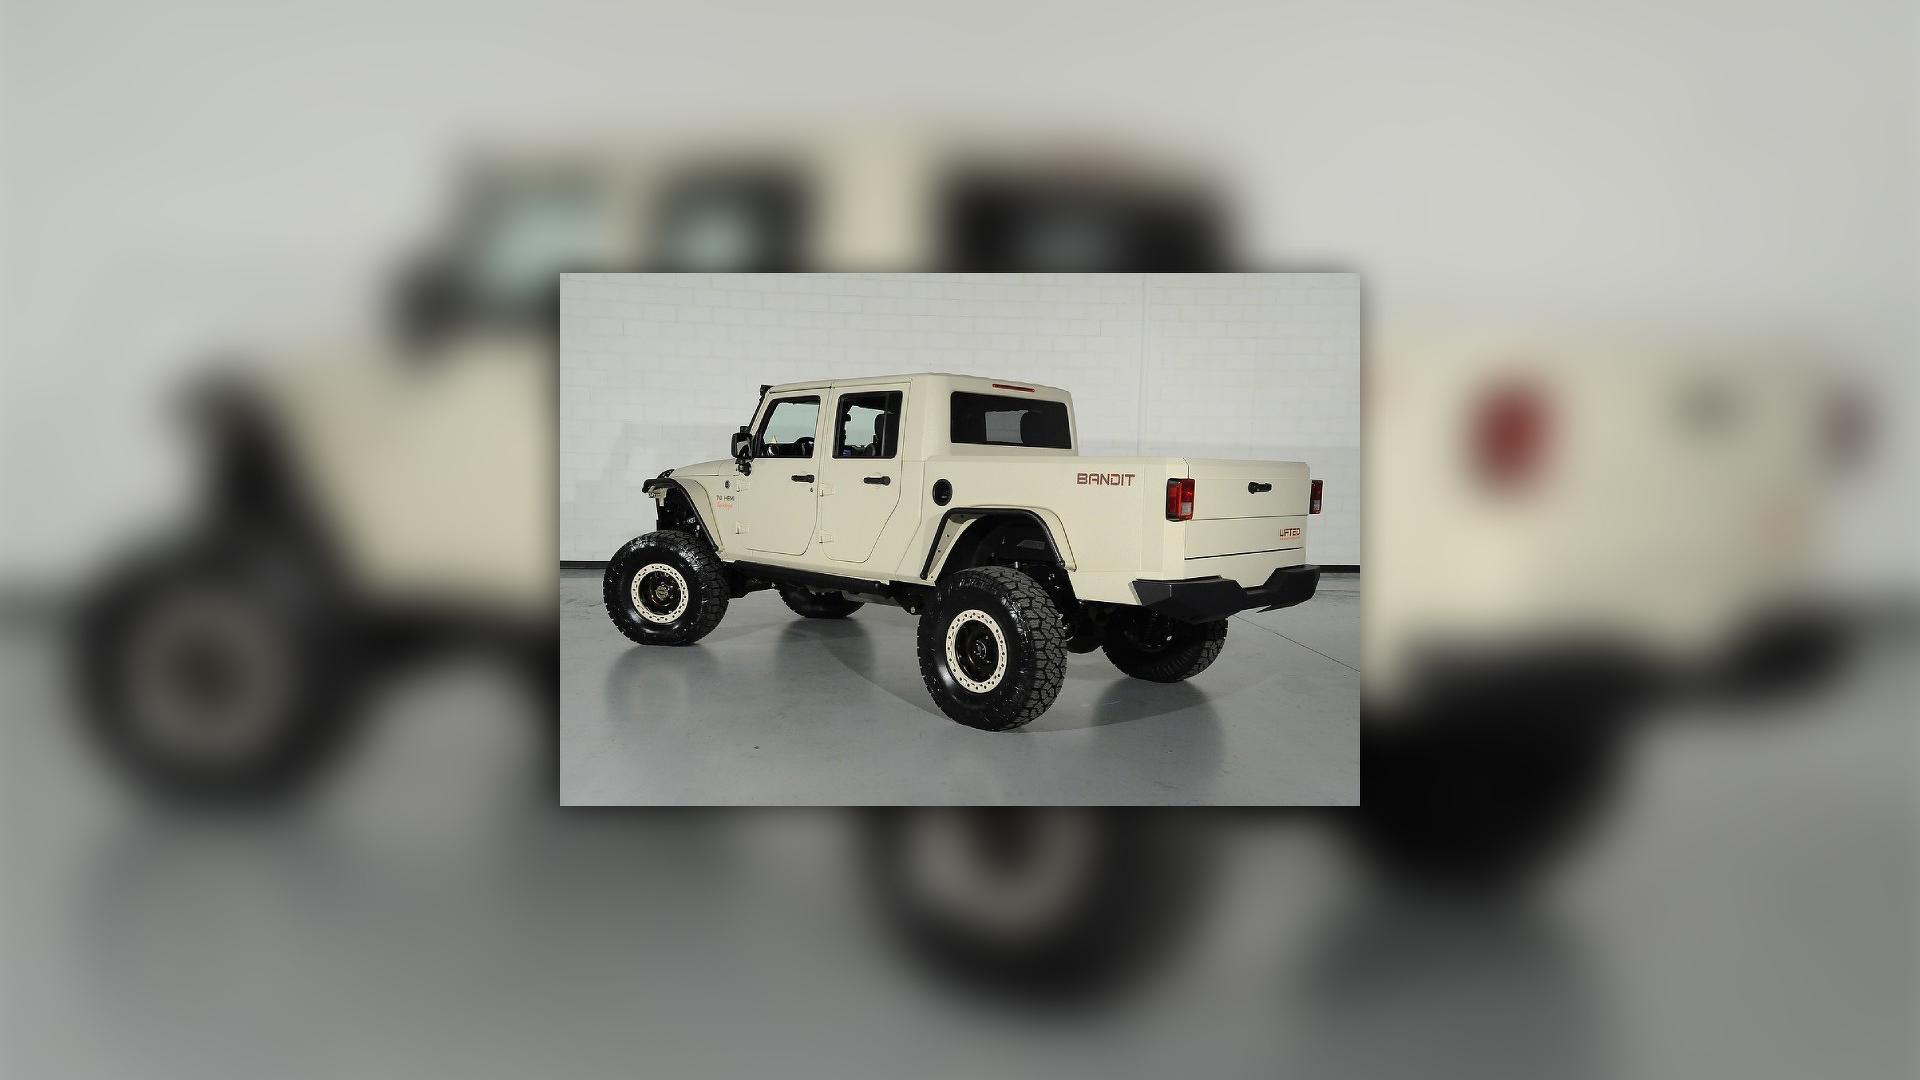 700-horsepower Jeep Wrangler Bandit pickup